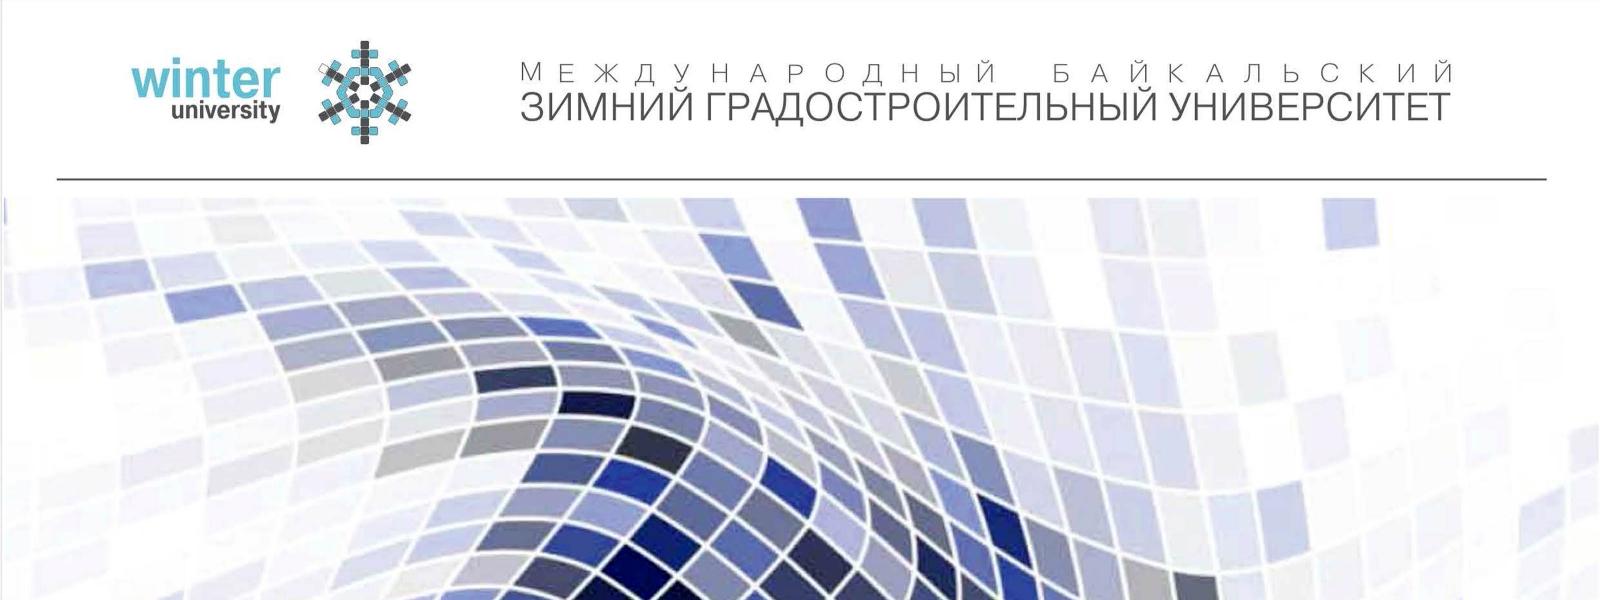 work-Серия публикаций по итогам Международного Байкальского зимнего градостроительного университета